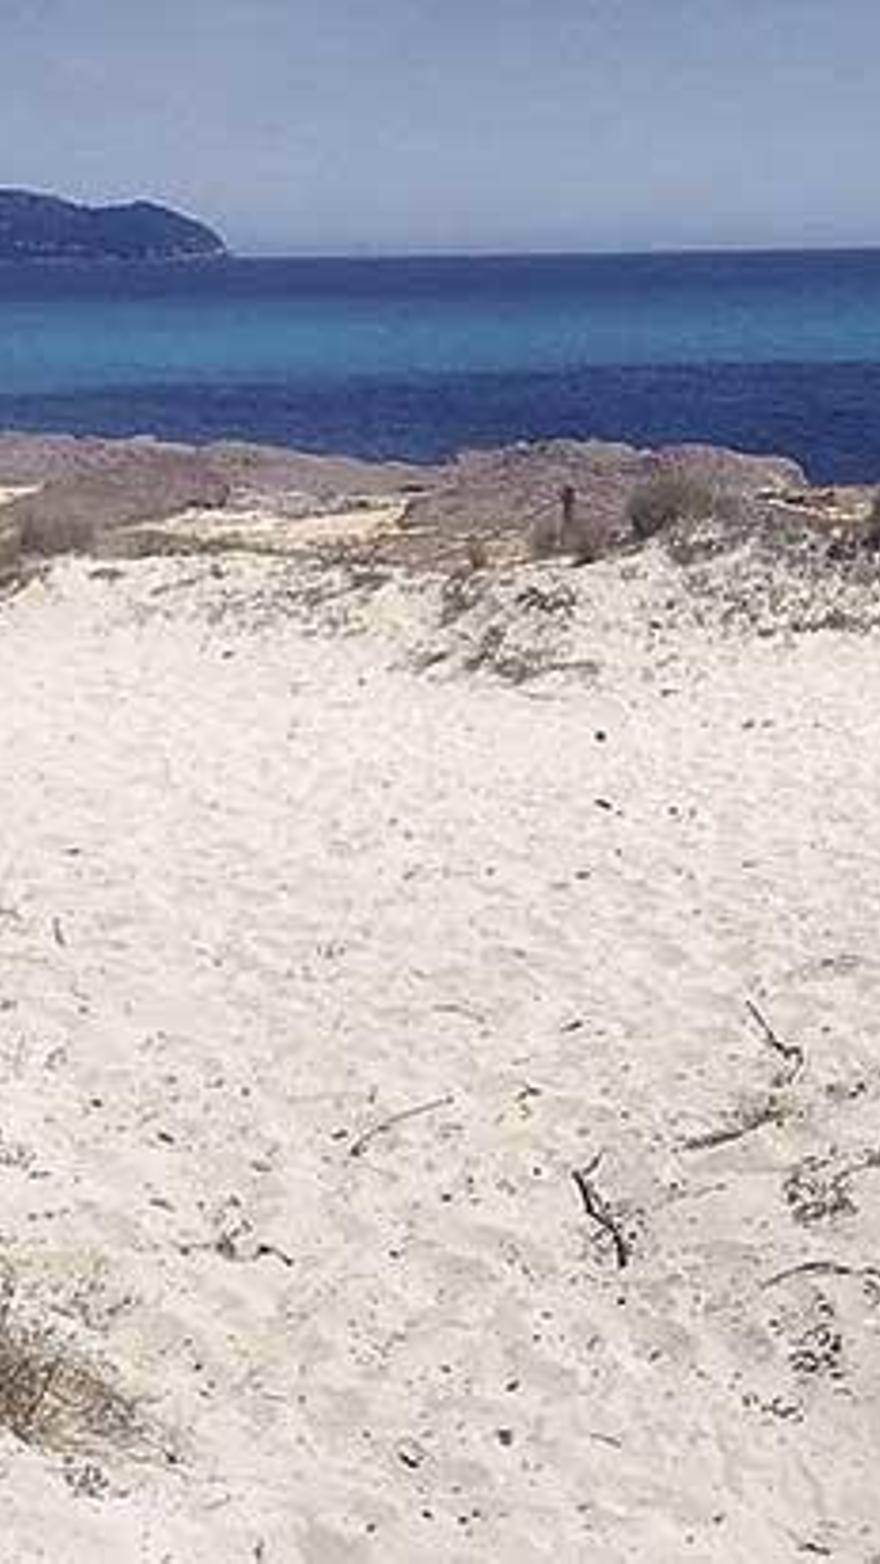 Los populares sospechan que se puede haber cogido arena del sistema dunar para regenerar la playa.